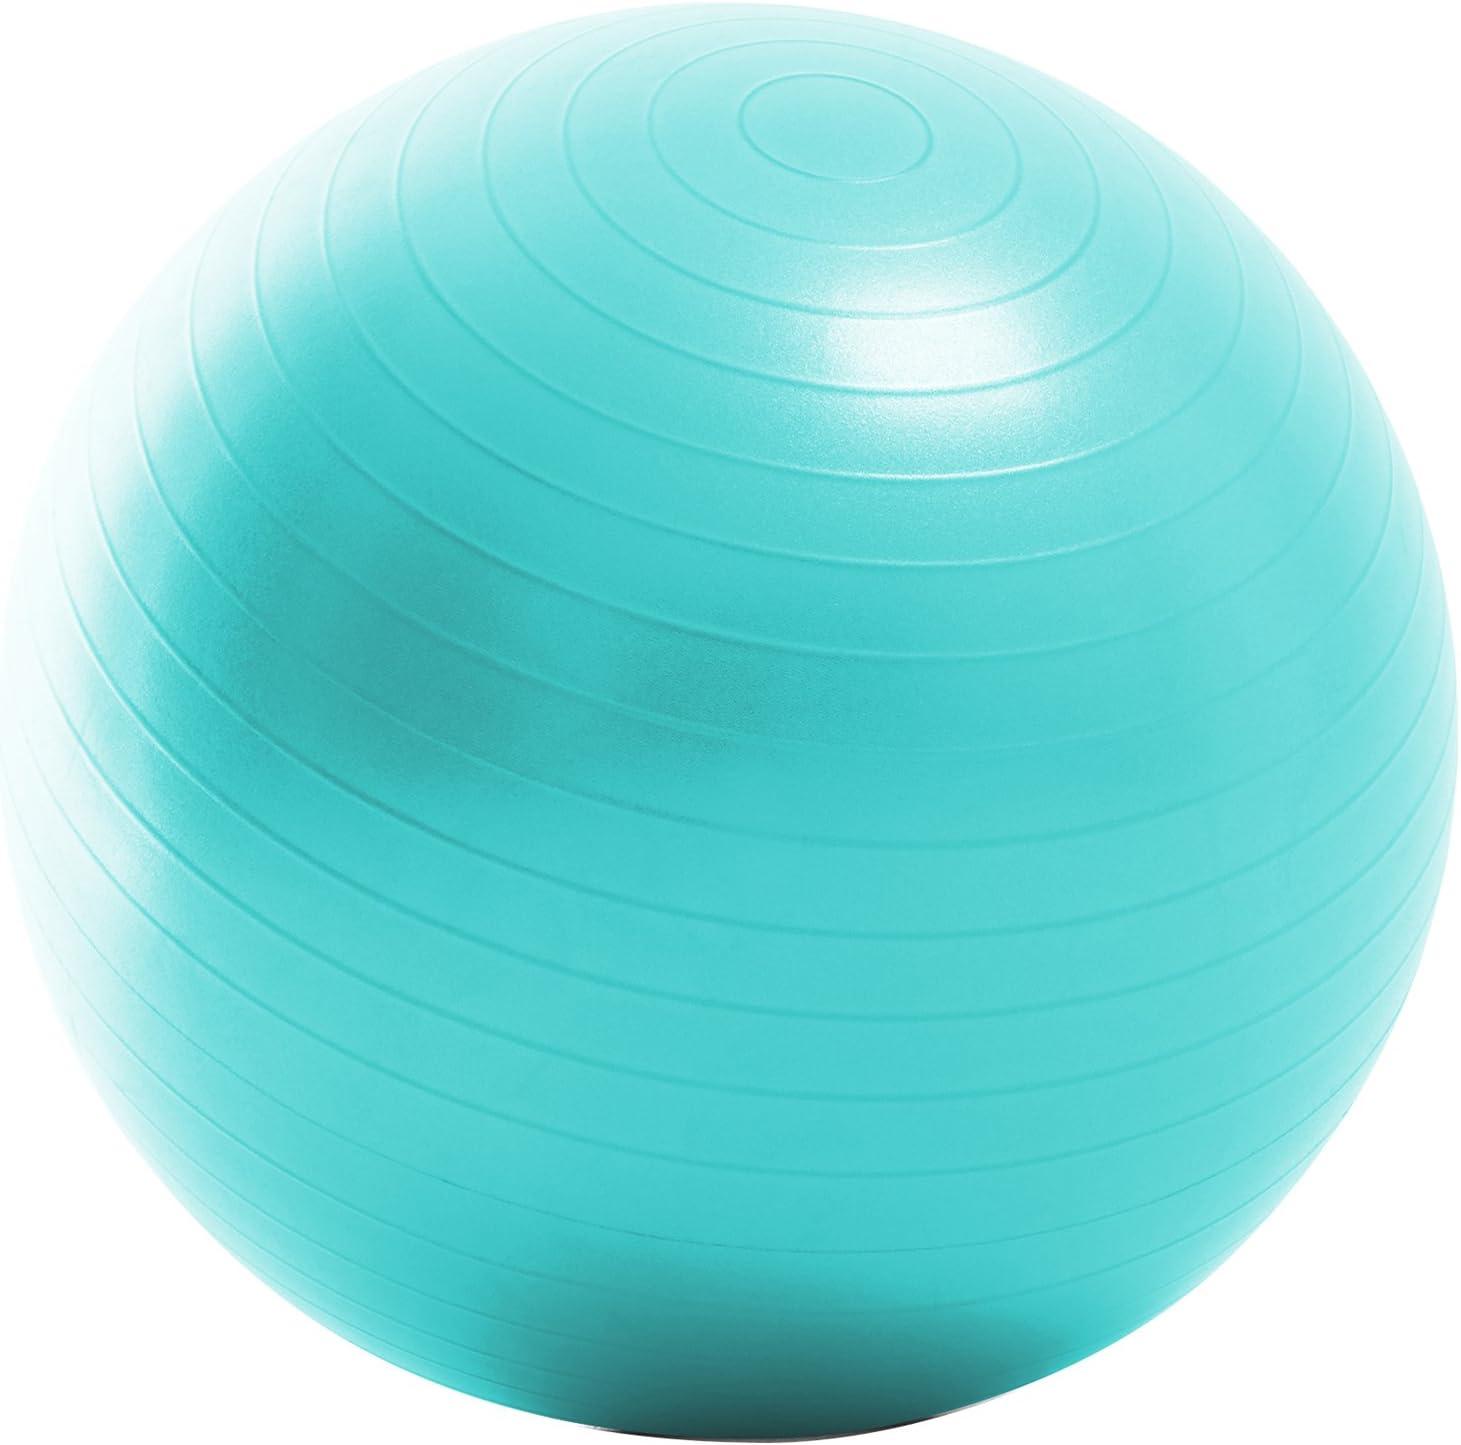 La-VI バランスボール ハンドポンプ&メジャー付き